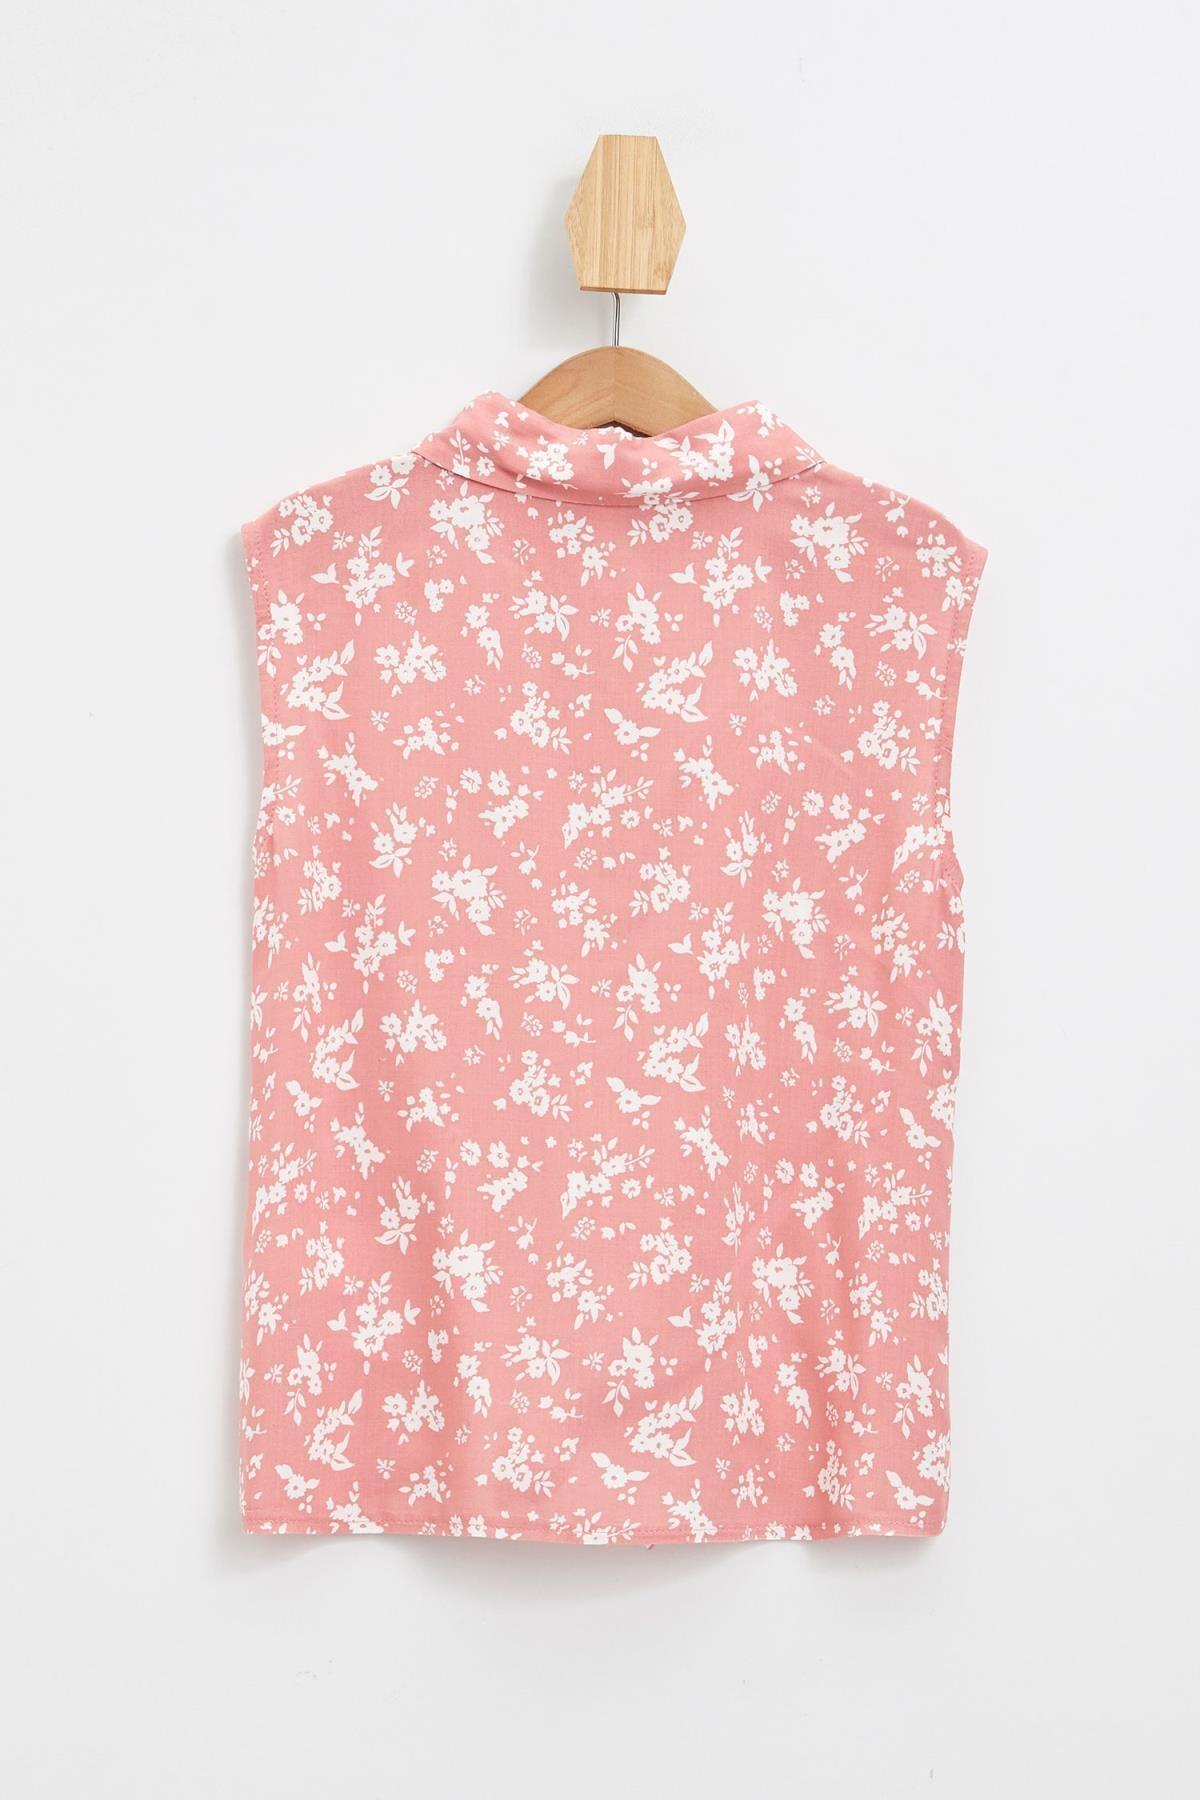 Defacto Kız Çocuk Çiçek Desenli Bağlama Detaylı Kolsuz Gömlek 1